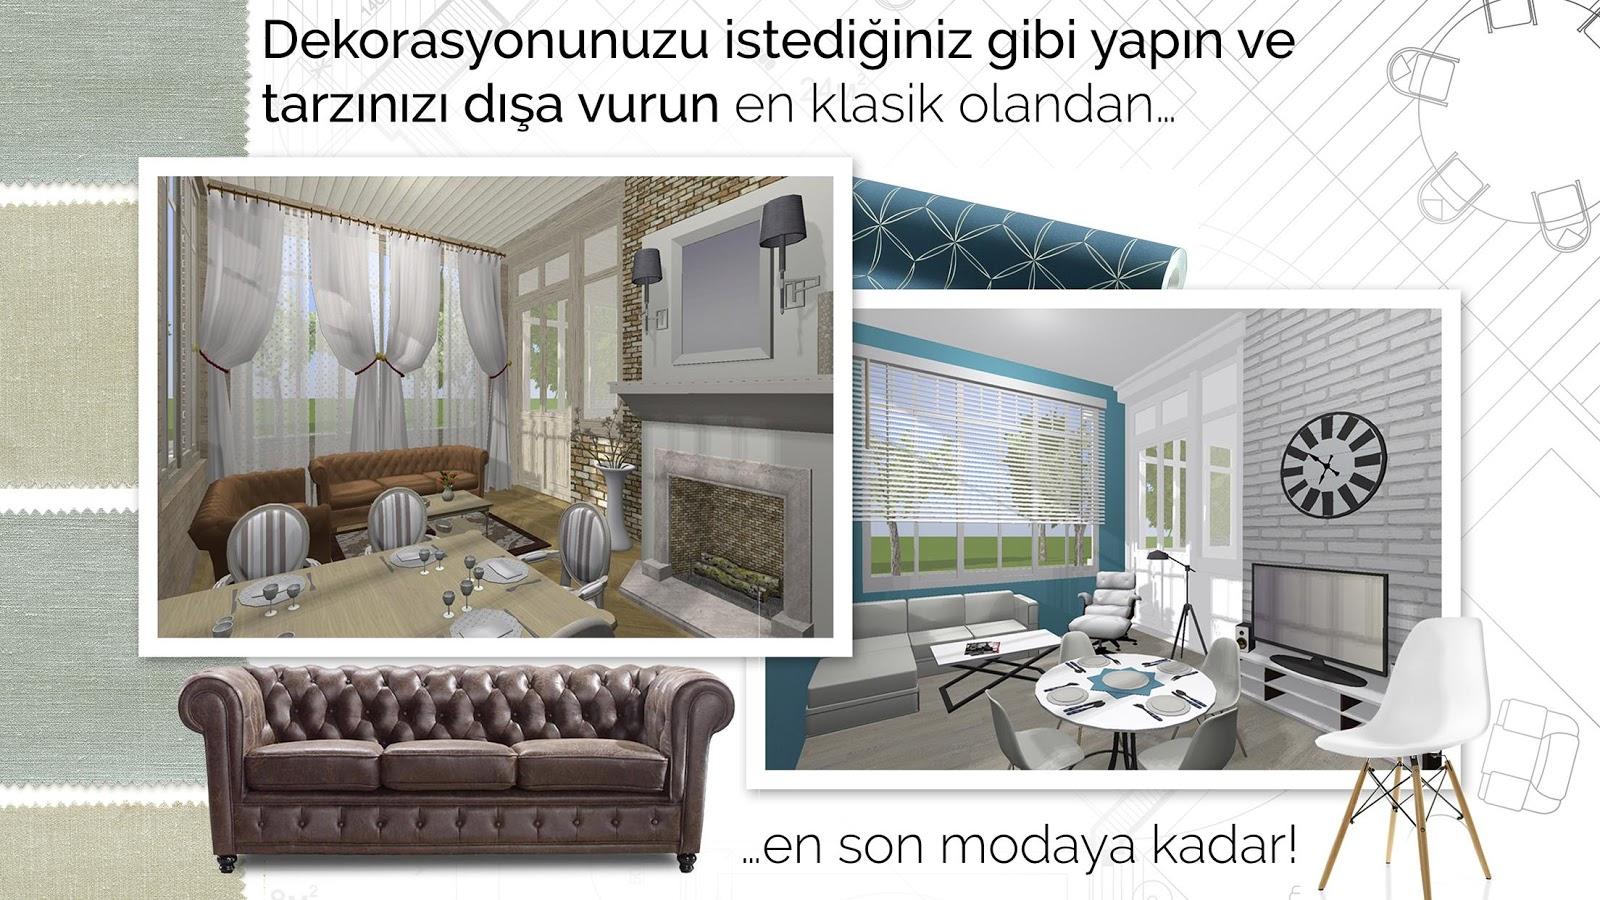 Home design 3d ekran görüntüleri 1 of 4